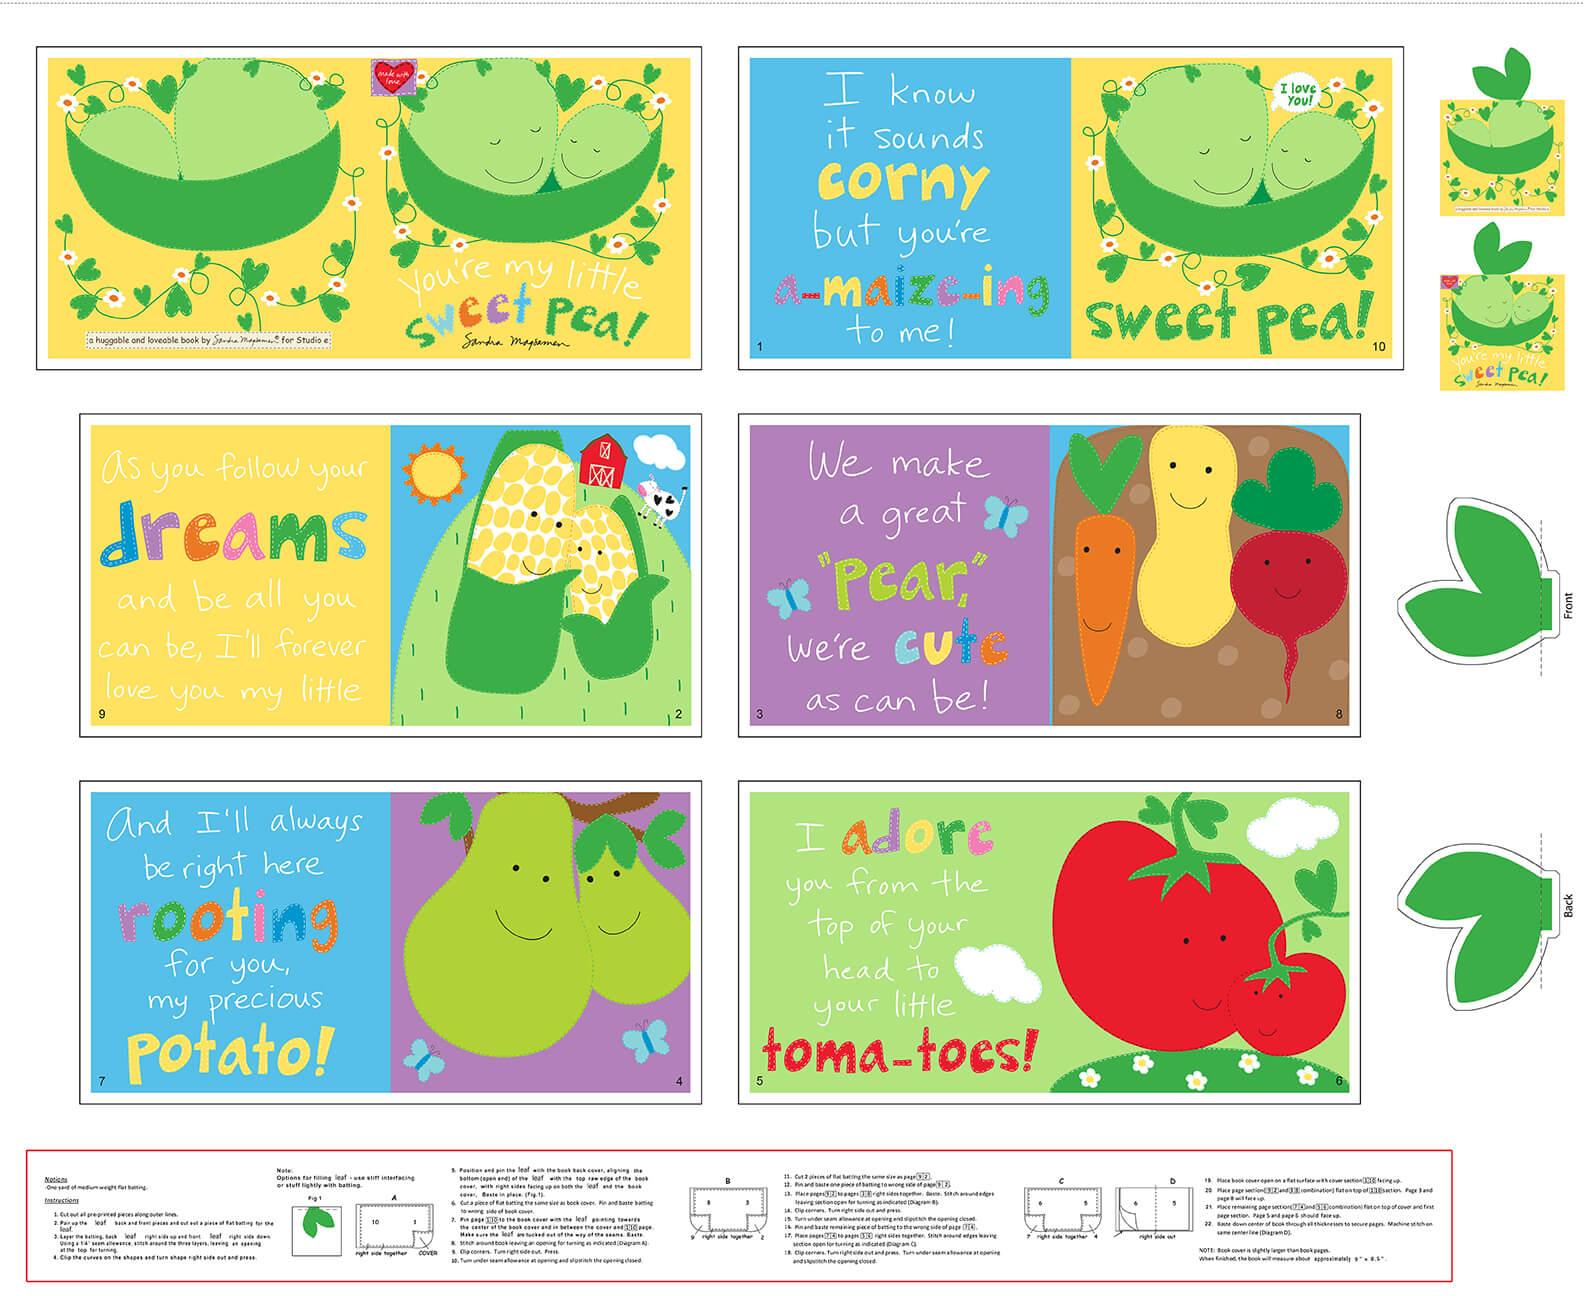 6088p-1-sweet-pea-reduced-50-.jpg